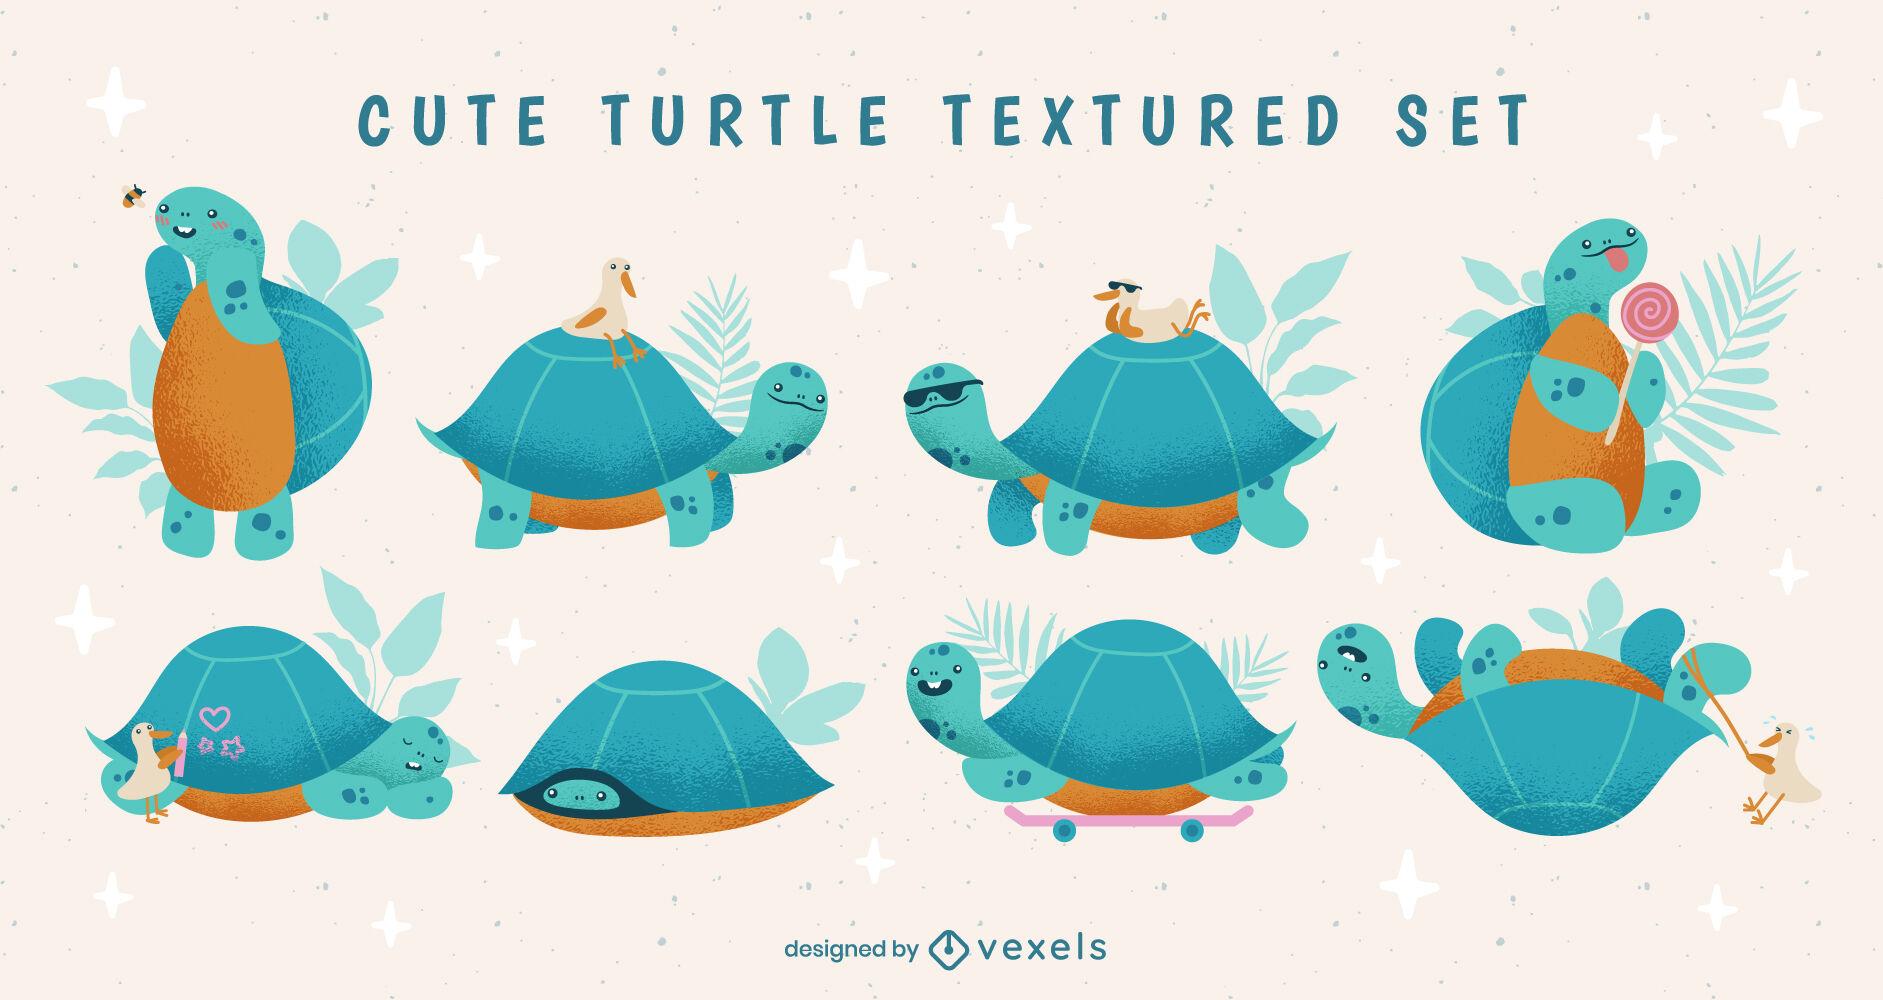 Land turtle cute animal textured set